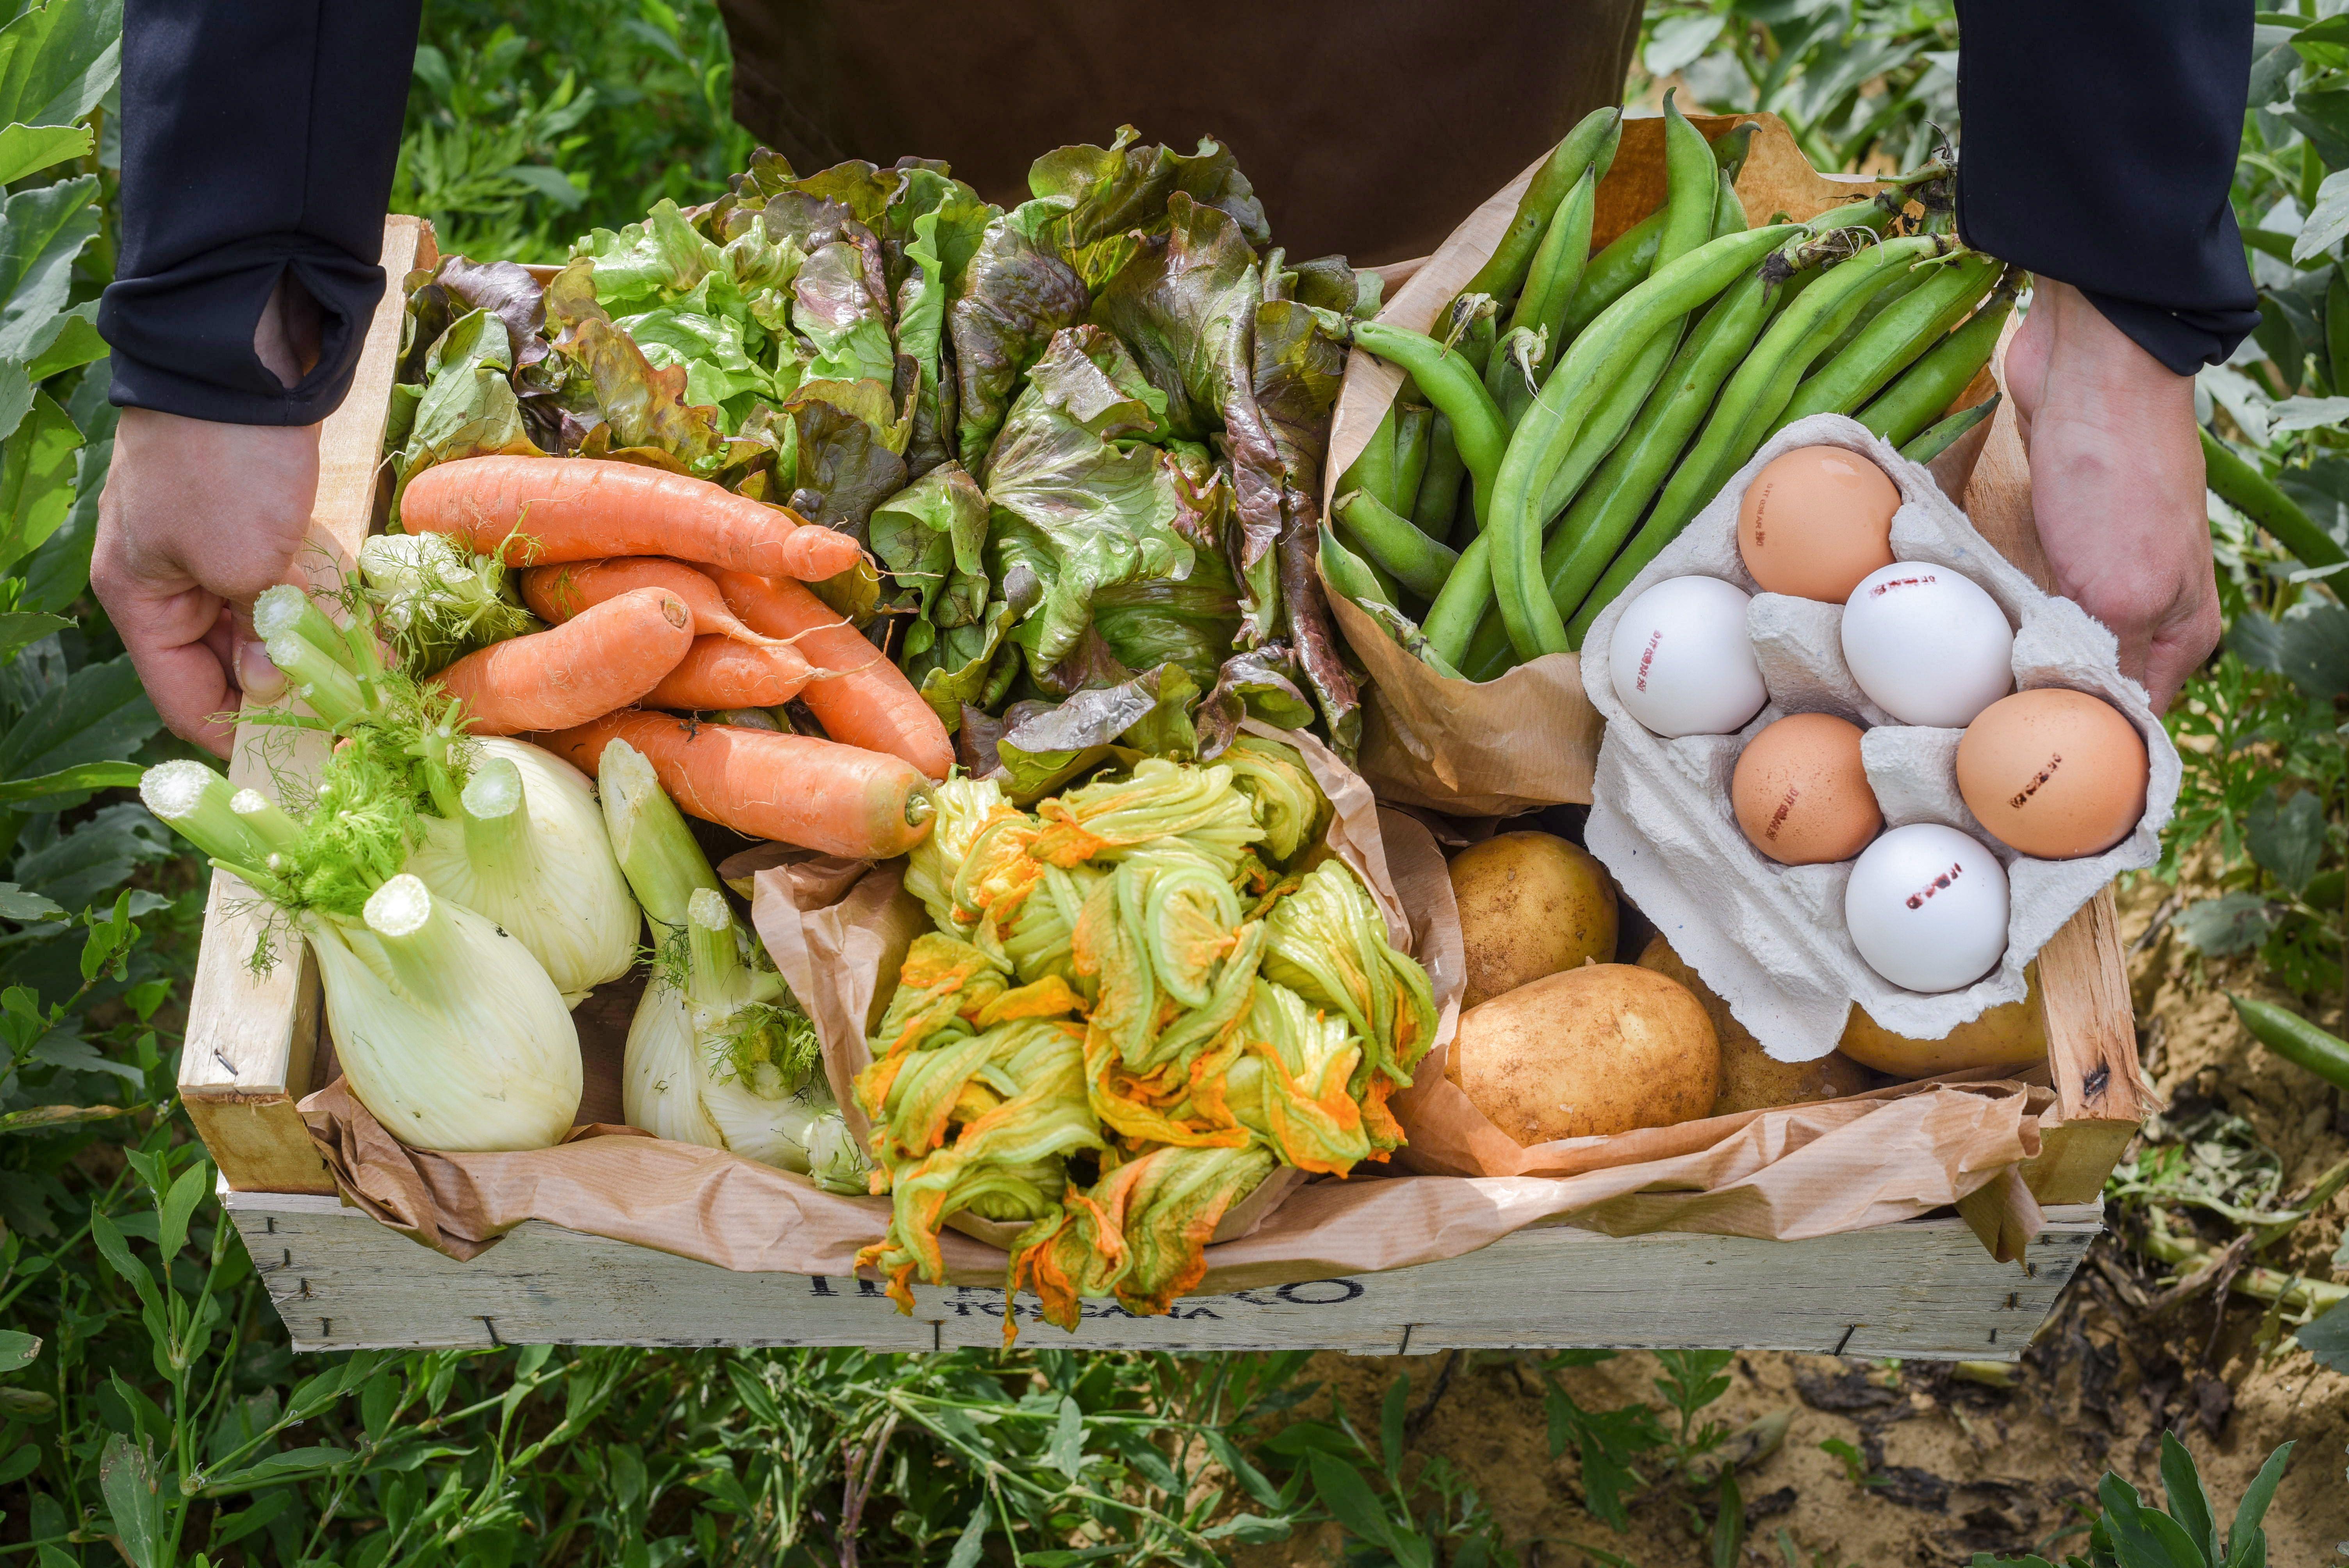 Desde maio, a horta do Borro passou a vender cestas de frutas e verduras produzidas na propriedade dos Ferragamo